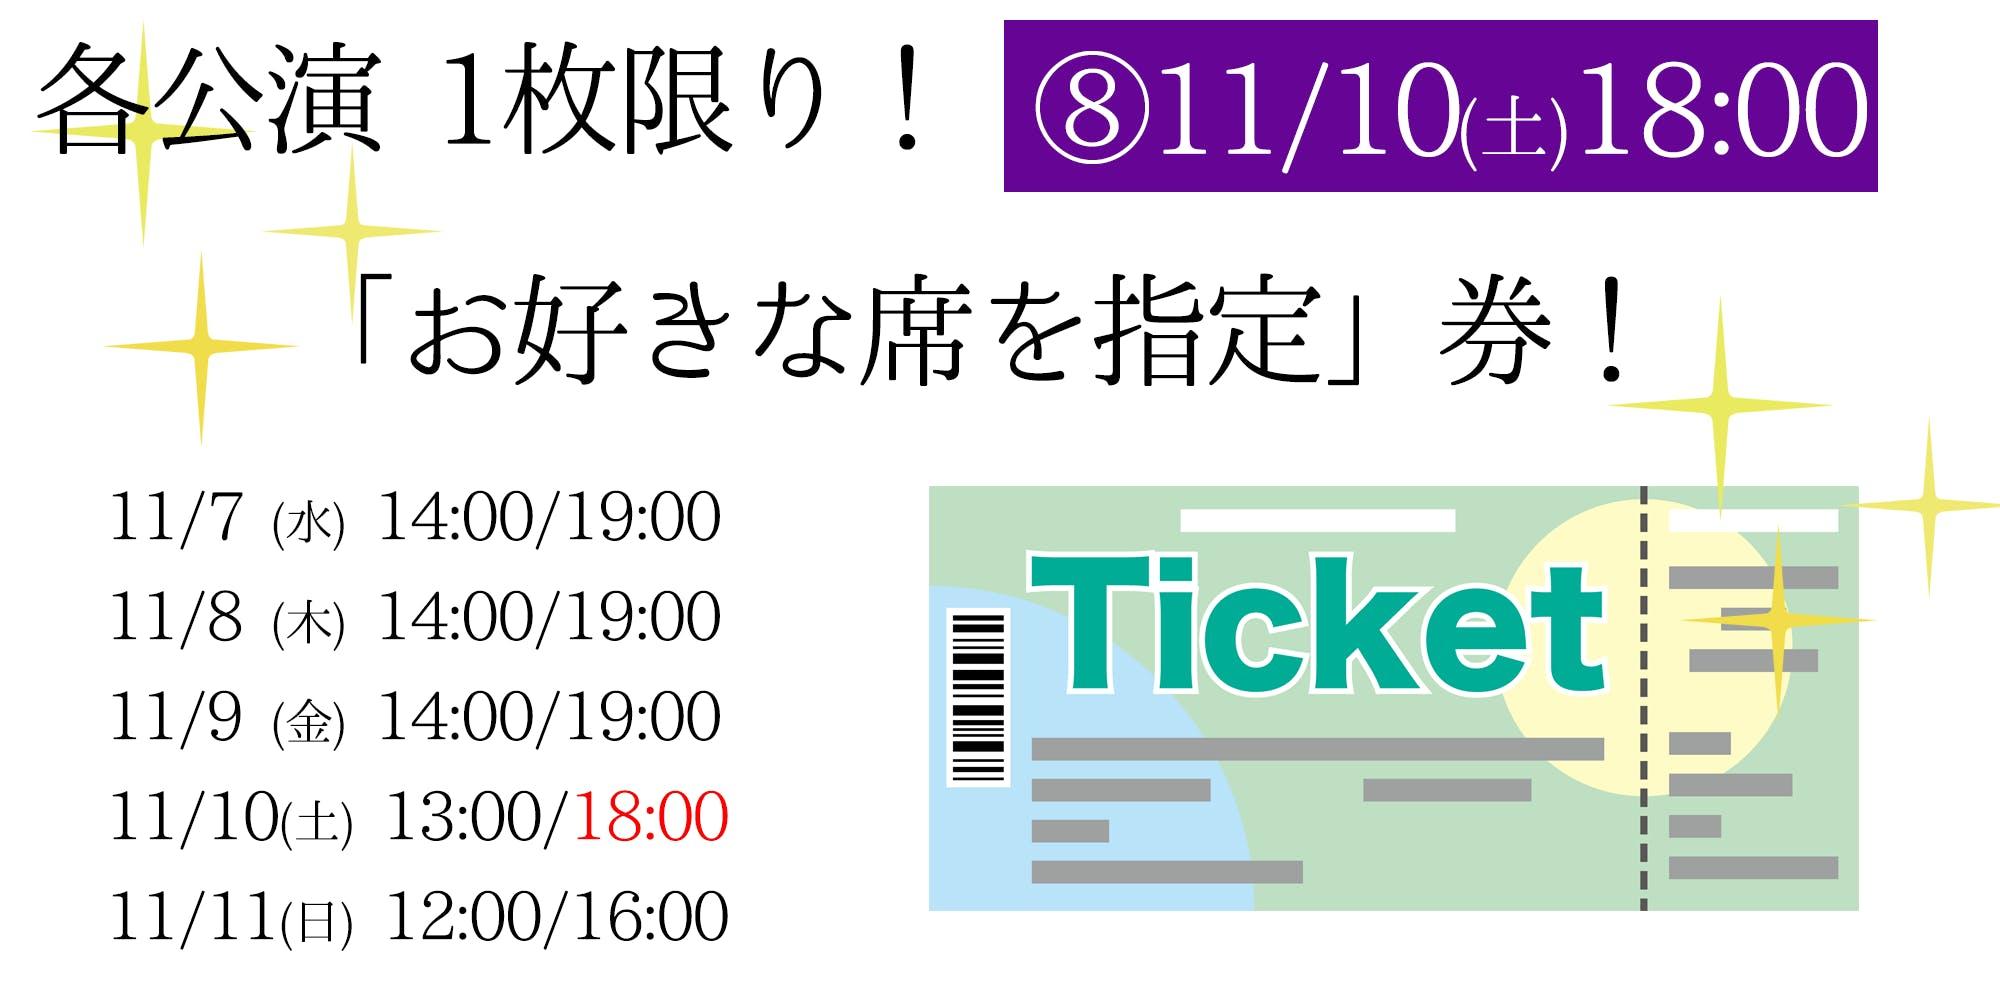 チケット08